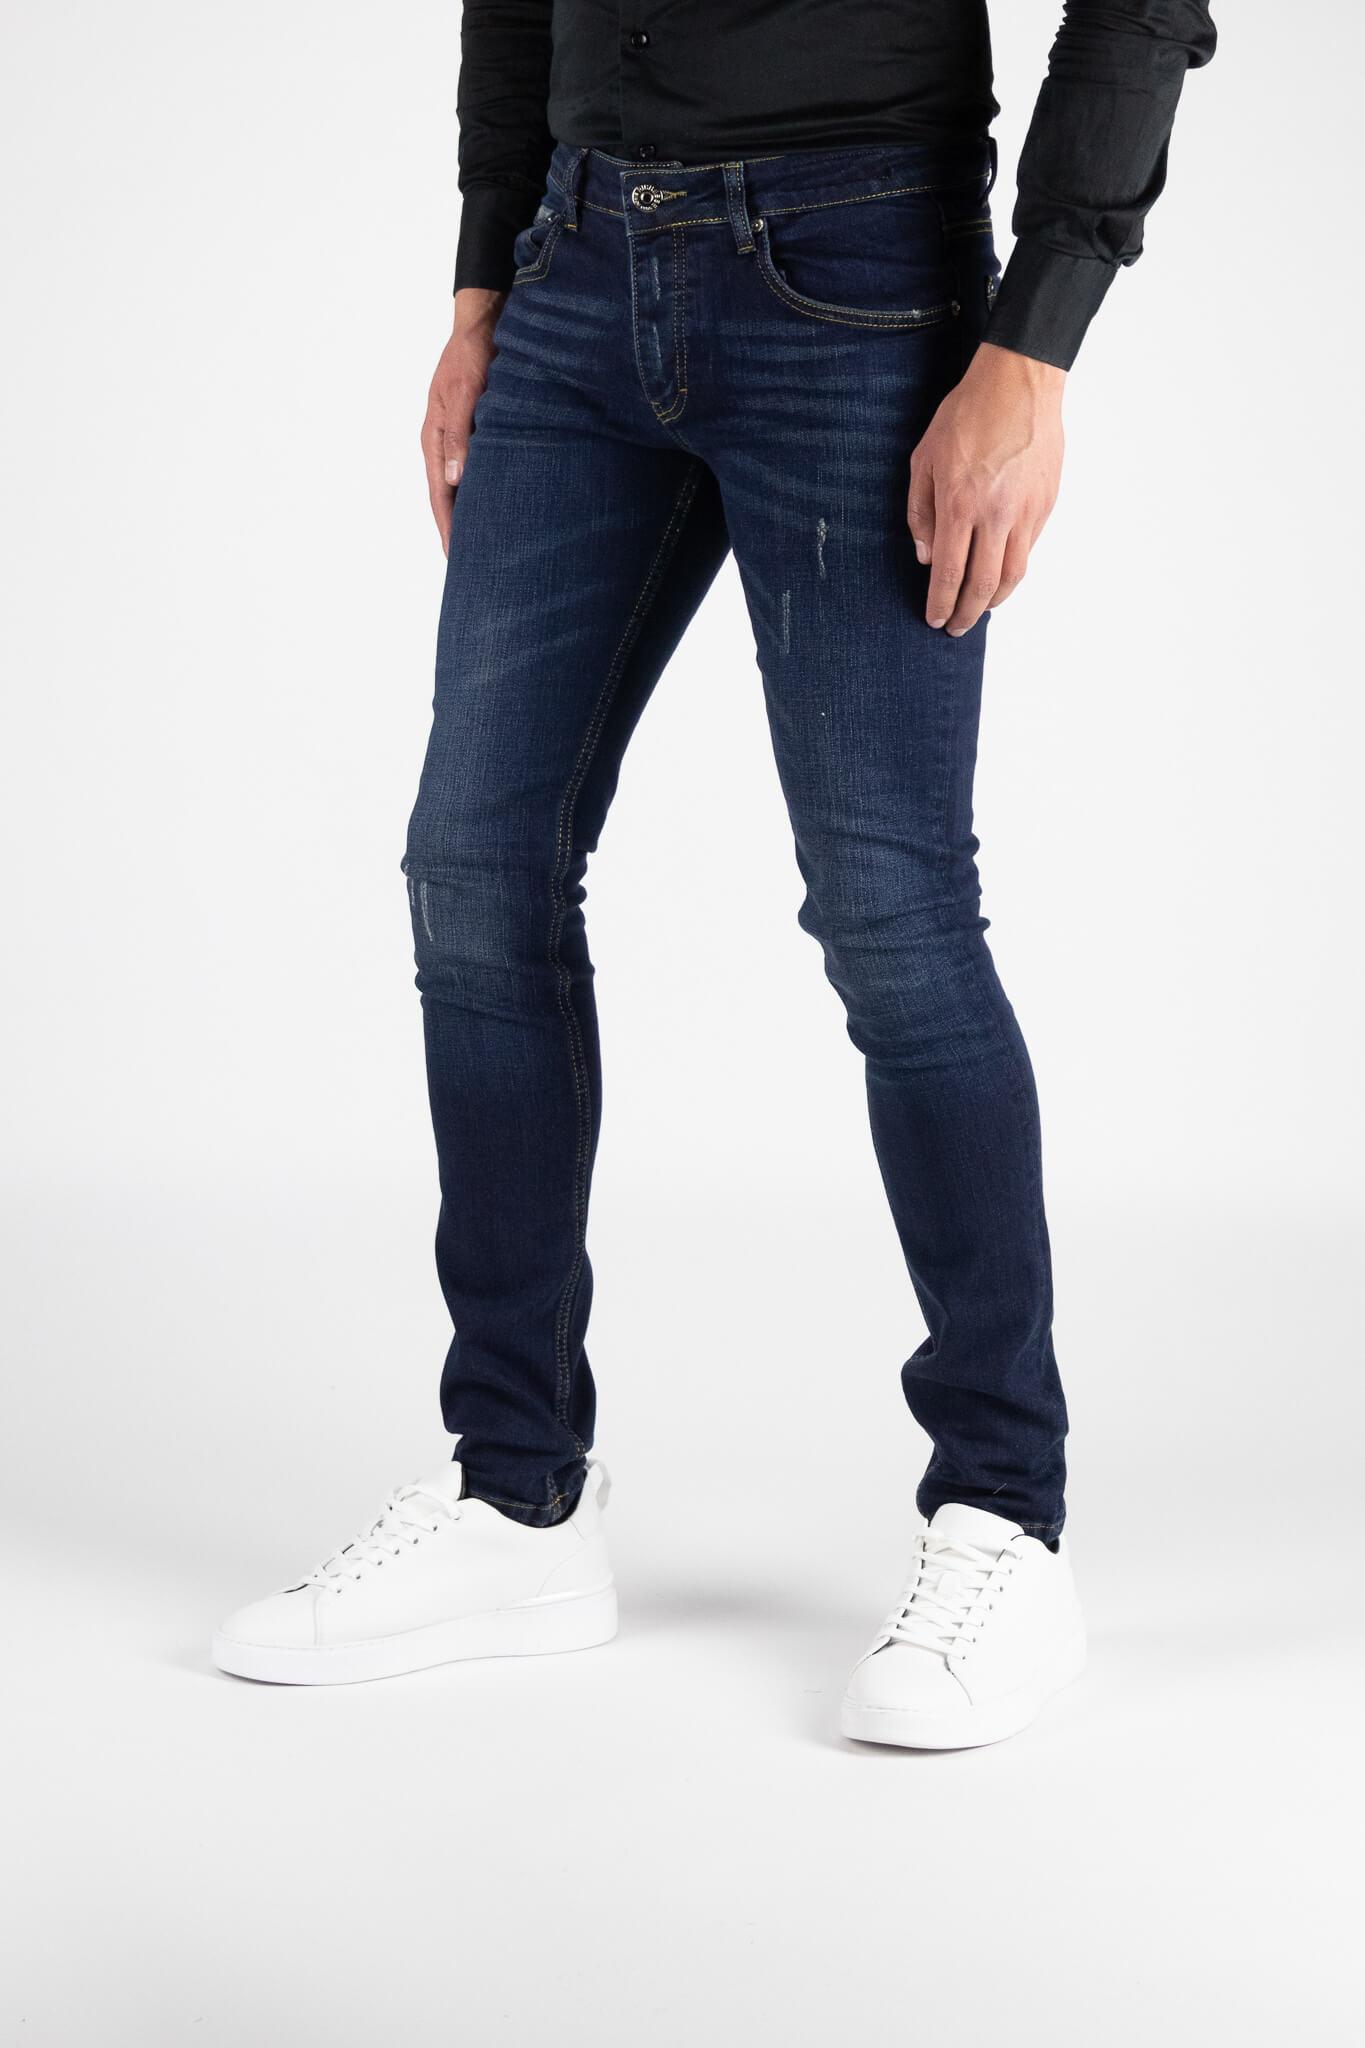 Morlaix-Dark-Blue-Jeans-3.jpg